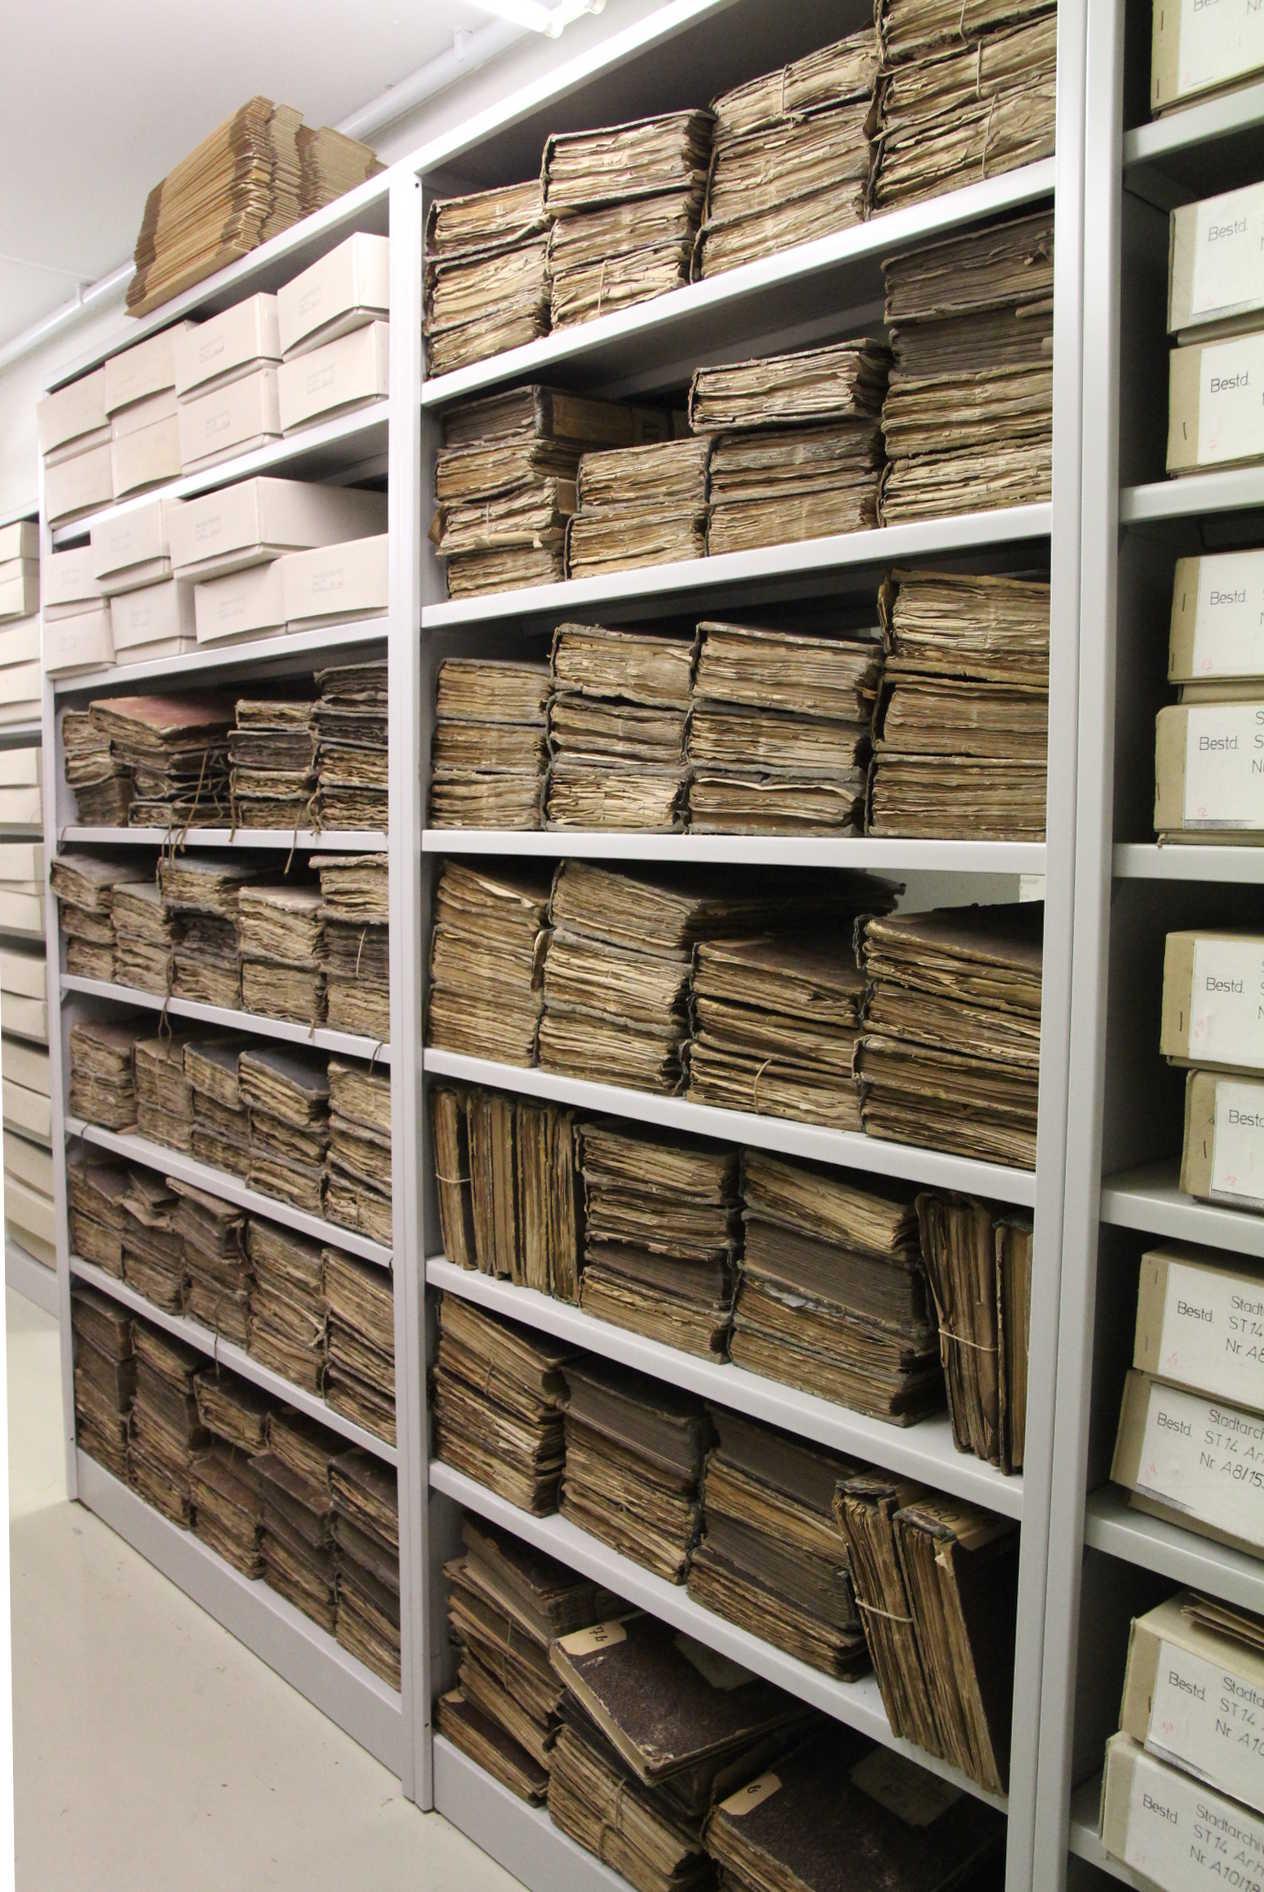 Der Bestand zu Bessungen besteht zu einem Großteil aus Amtsbüchern, die momentan noch unverpackt im Regal gelagert werden.